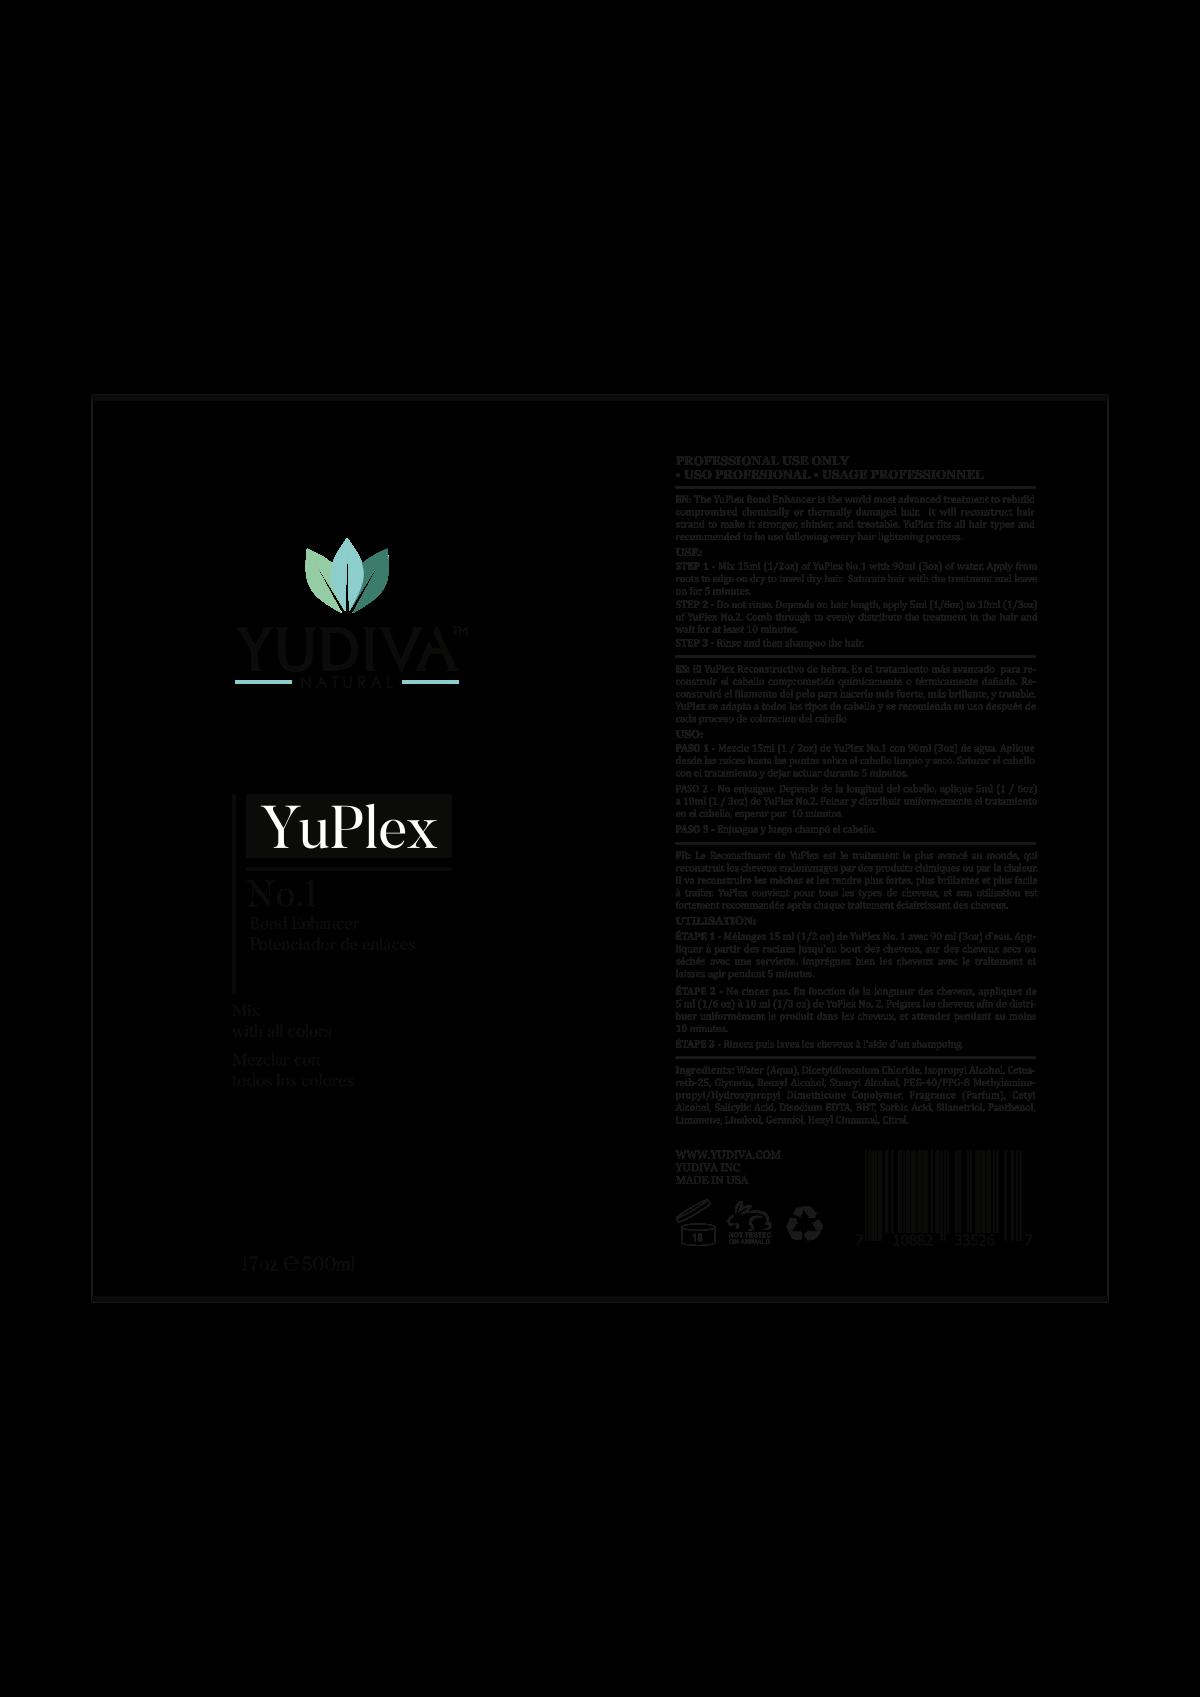 one YuPlex label design